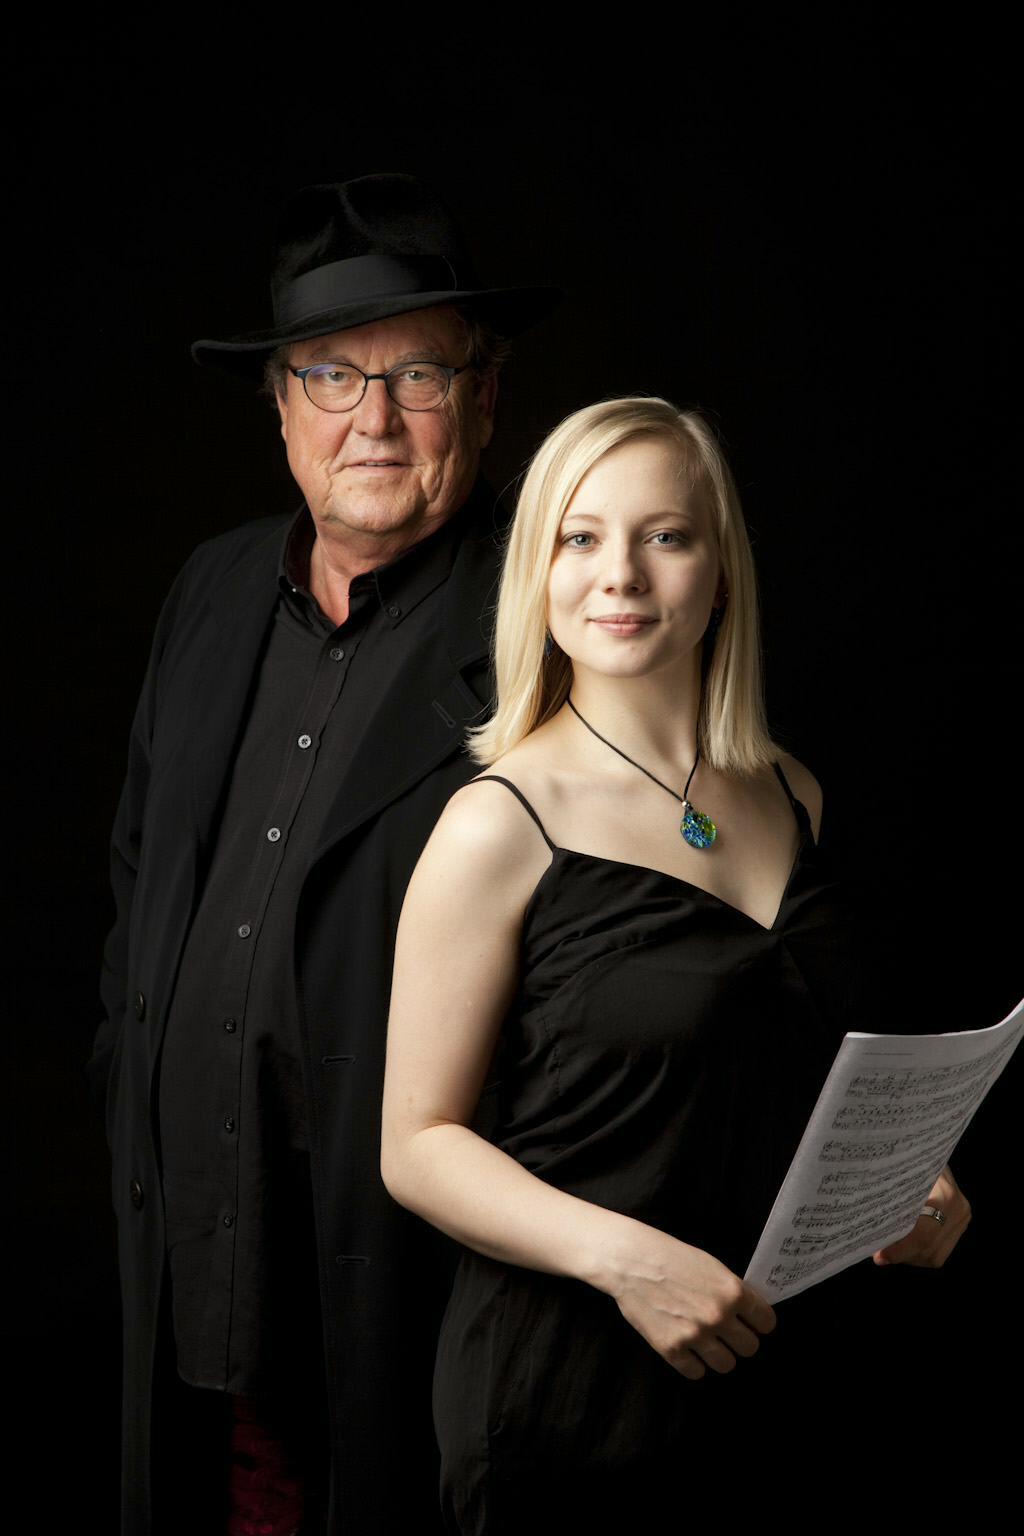 Lutz Görner und Nadia Singer (Foto: Fotofelix)